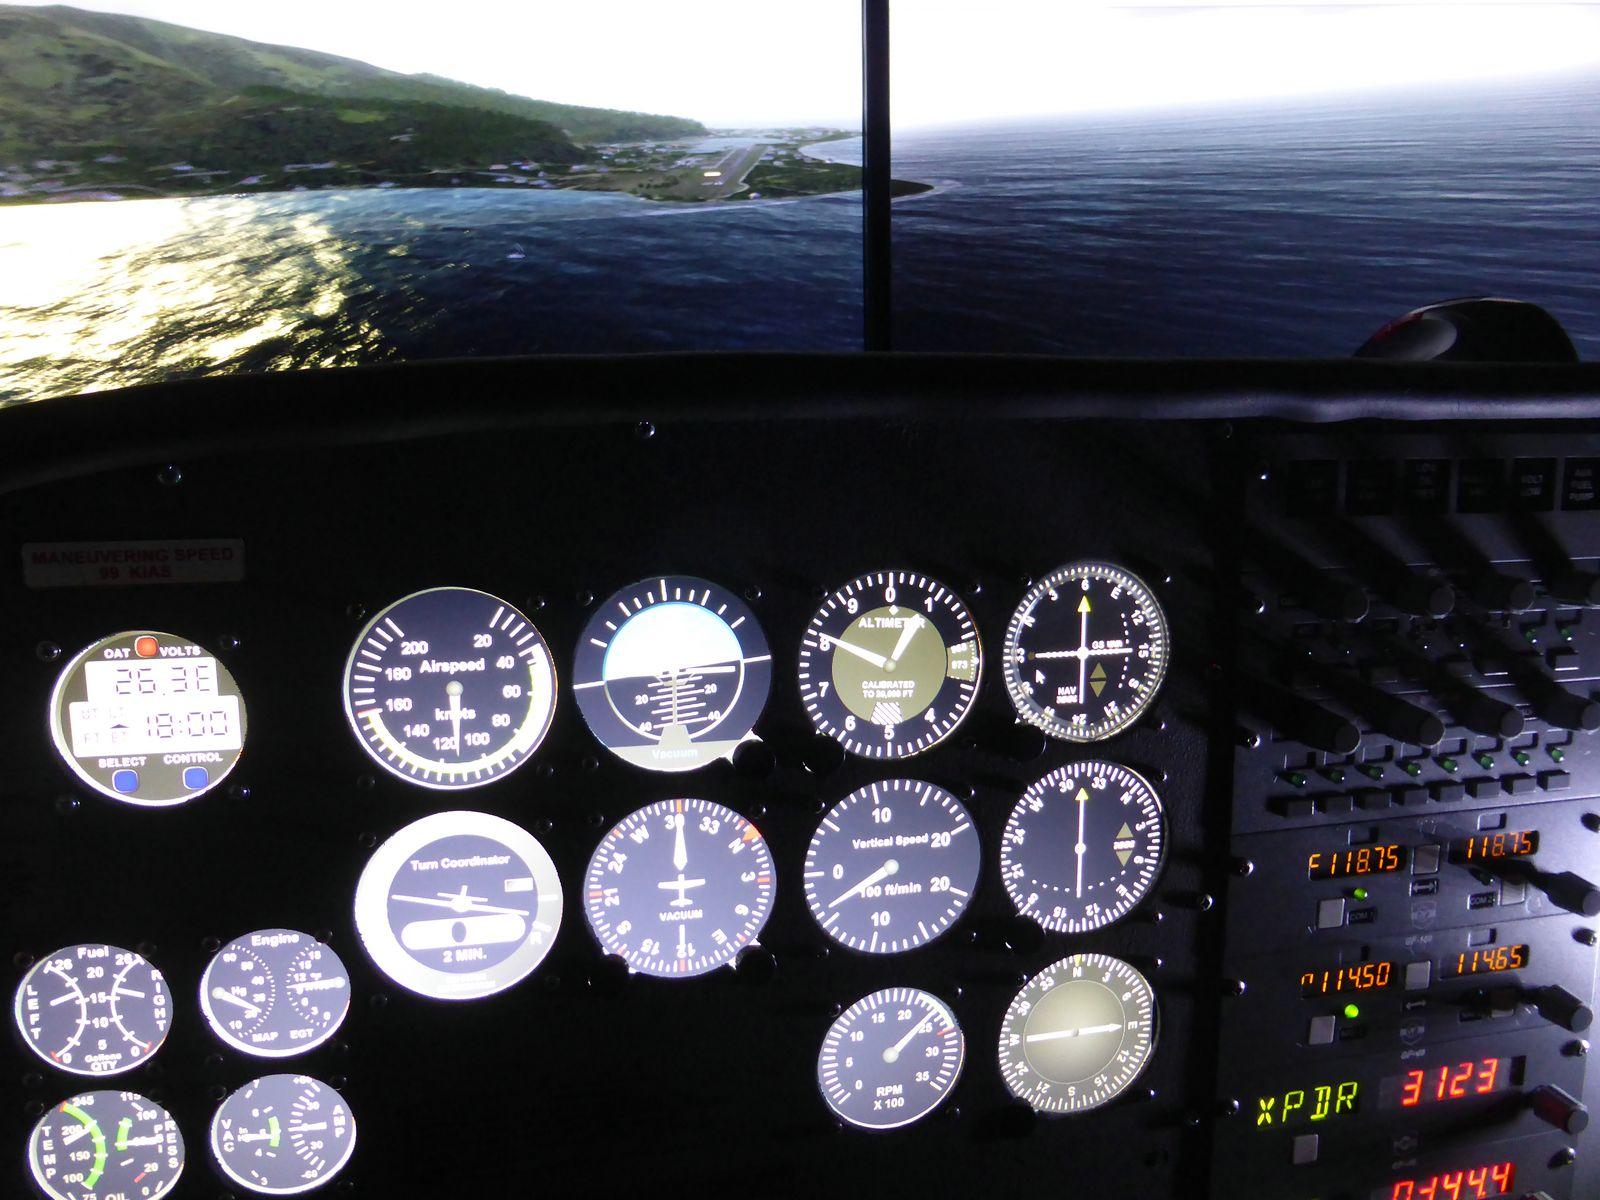 http://www.pilote-virtuel.com/img/members/9578/P1120498-1600x1200.JPG